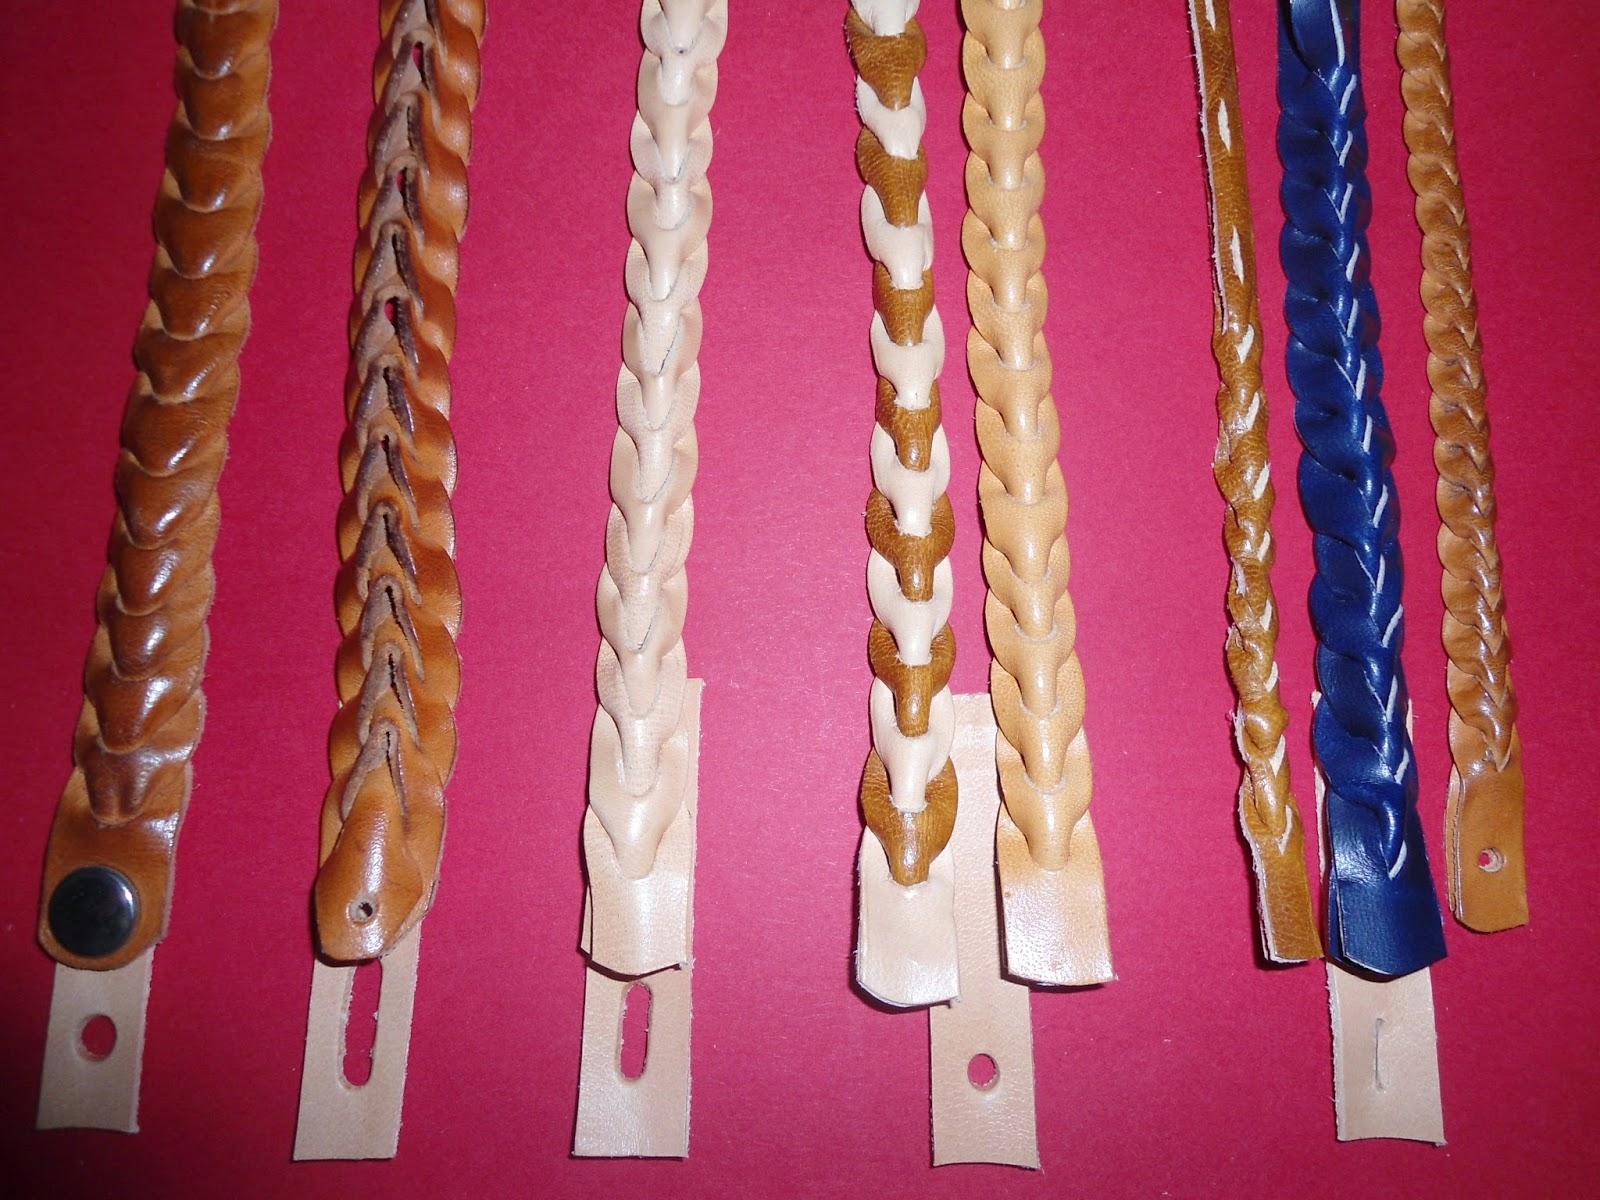 La ventana del cuero Como hacer pulseras de cuero de dos tiras